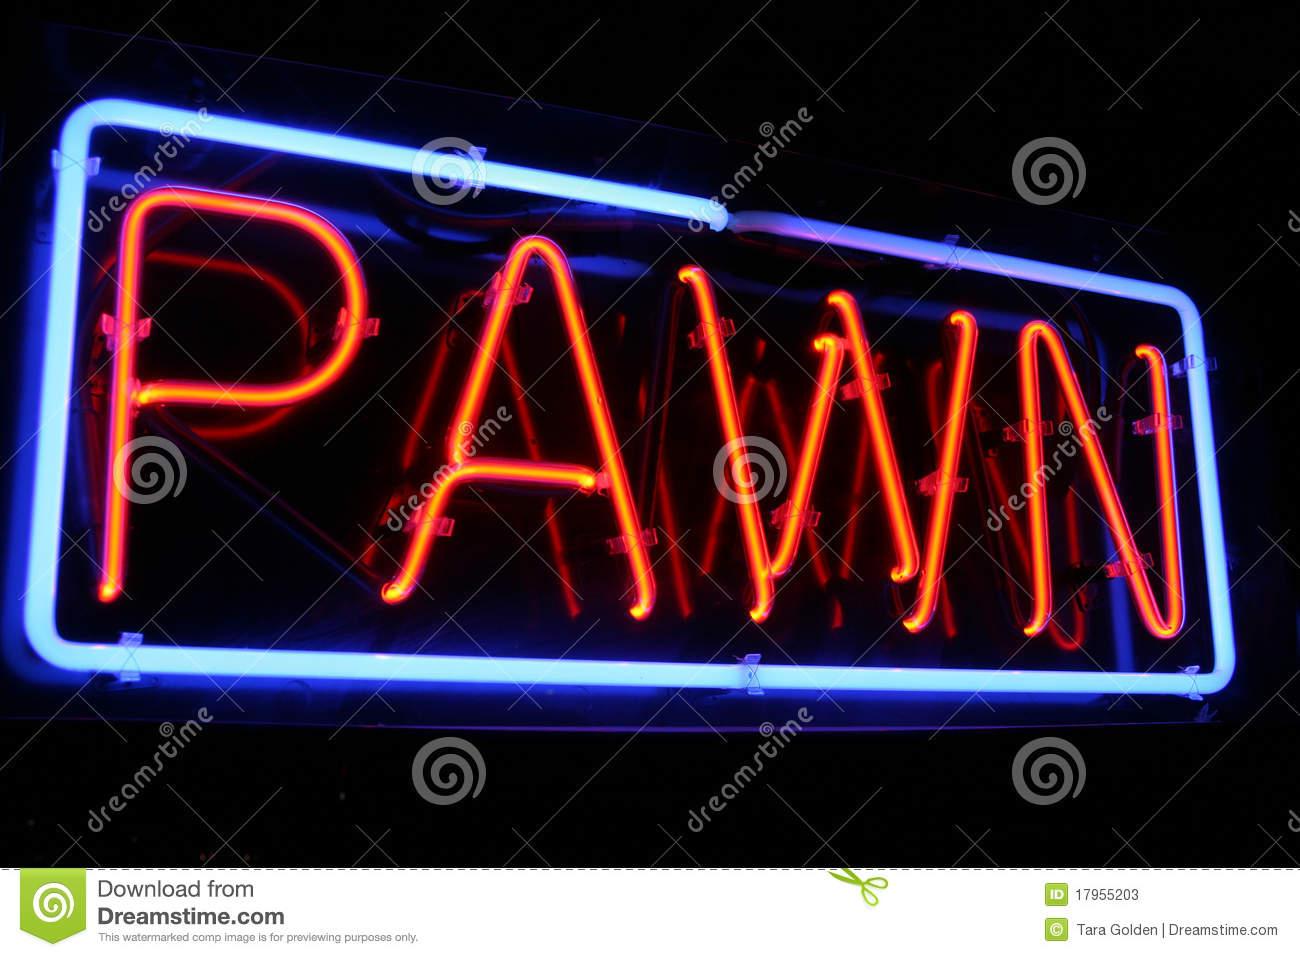 Pawn Shop *Germiston